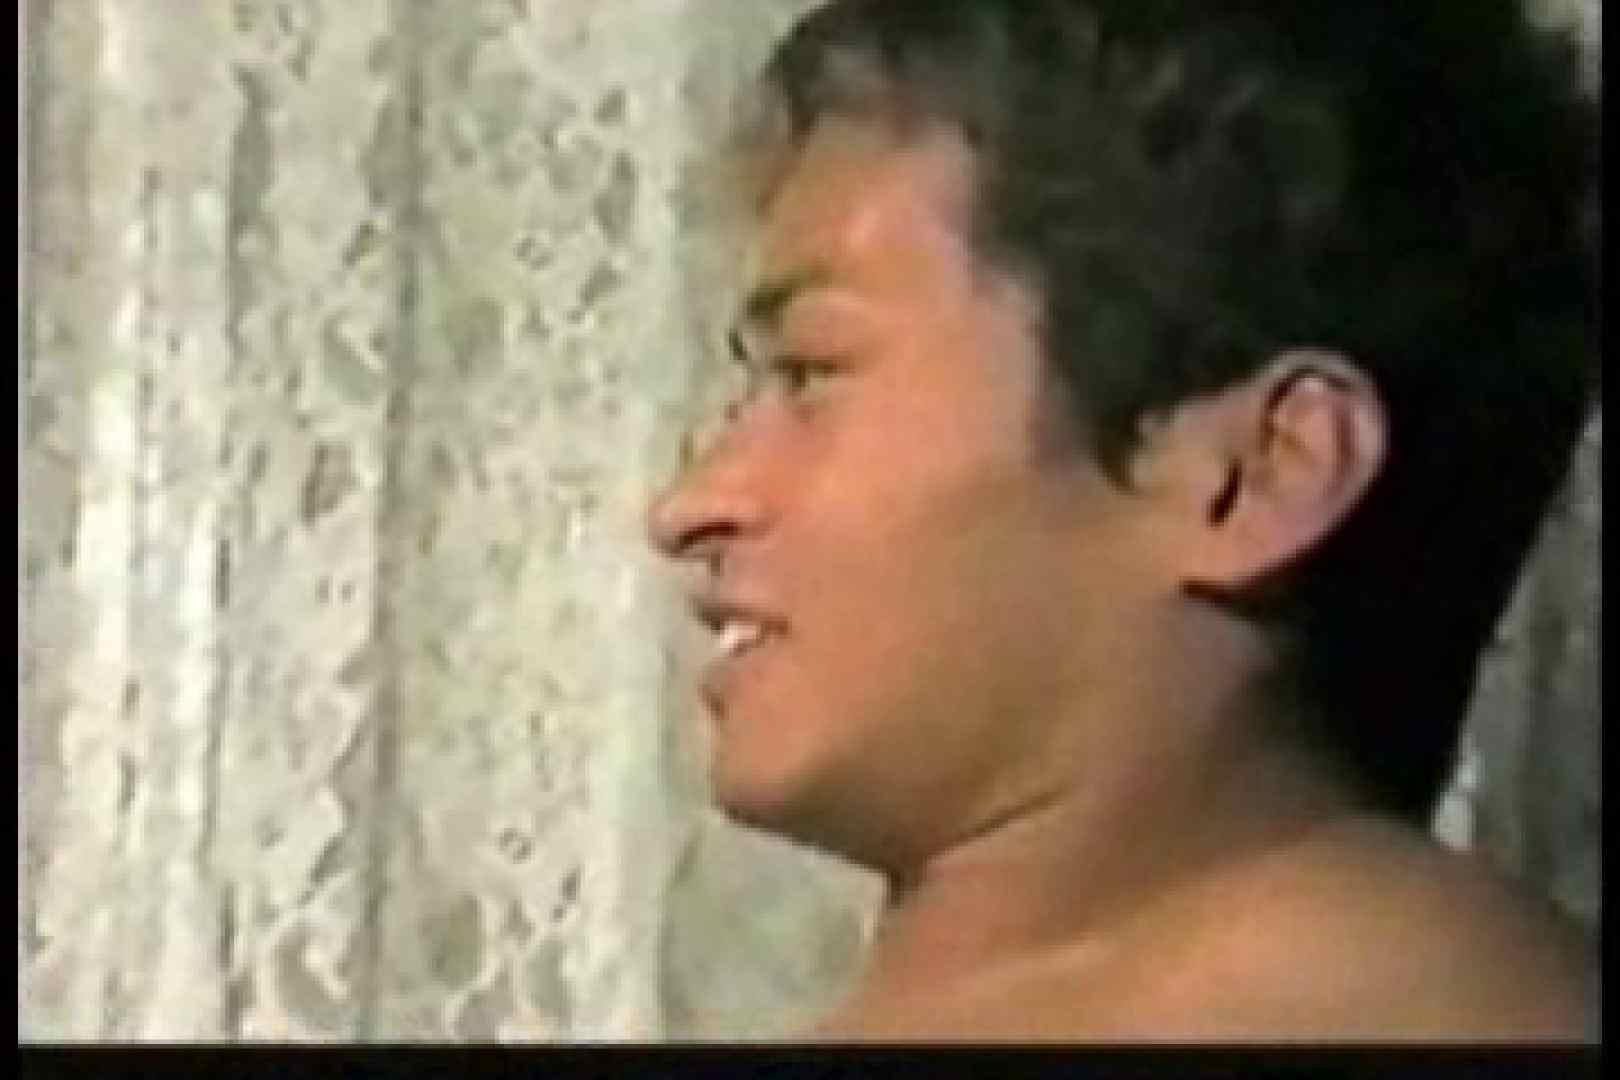 【自己製作販売ビデオ】オナニーフェラ挿入 フェラ天国   ハメ撮り放出 ゲイ素人エロ画像 49pic 1